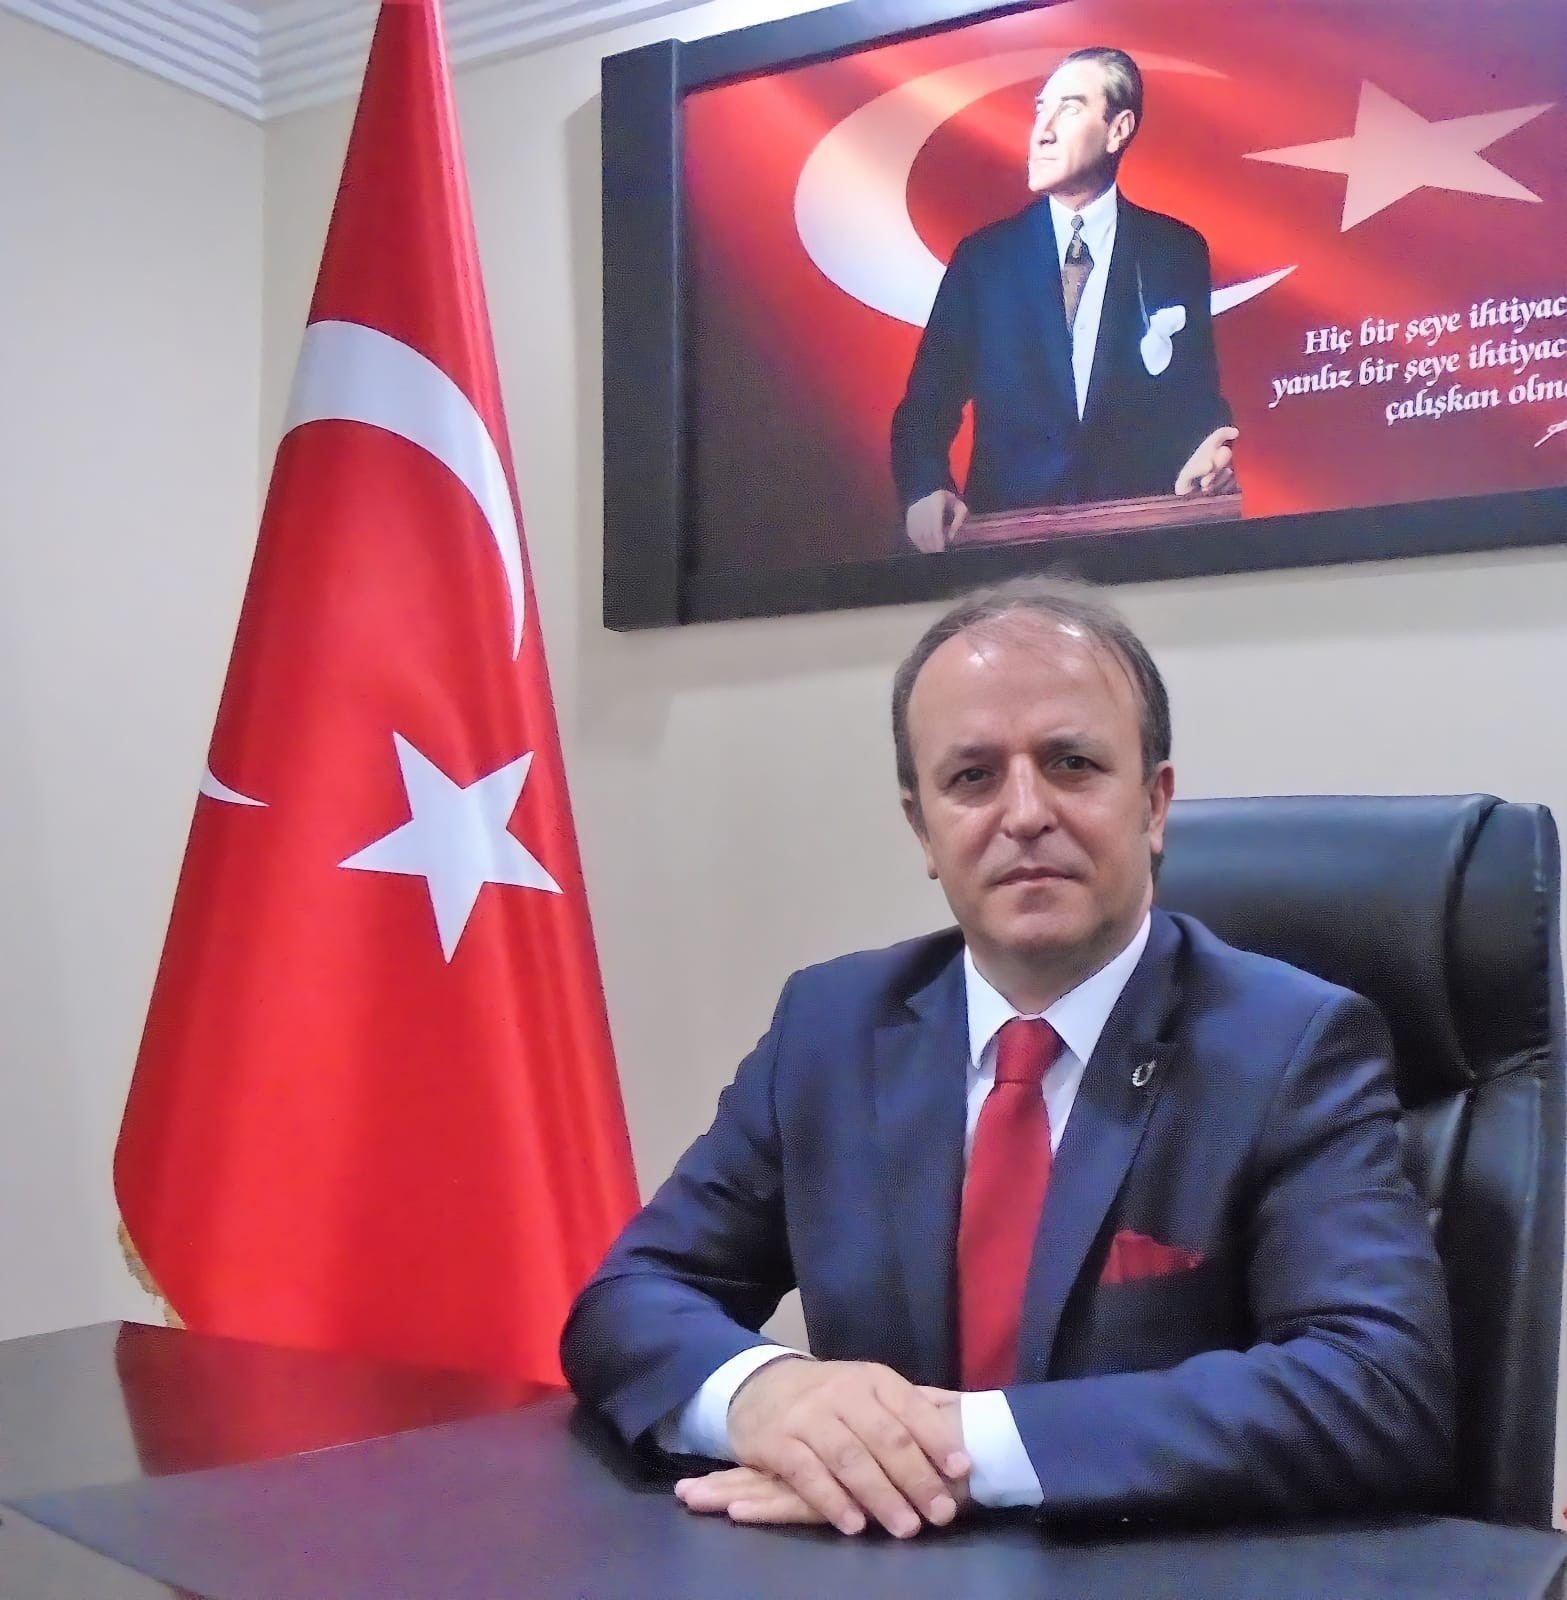 Trabzon emlak sektöründe Arap tercüman ve ayakçı sorunu